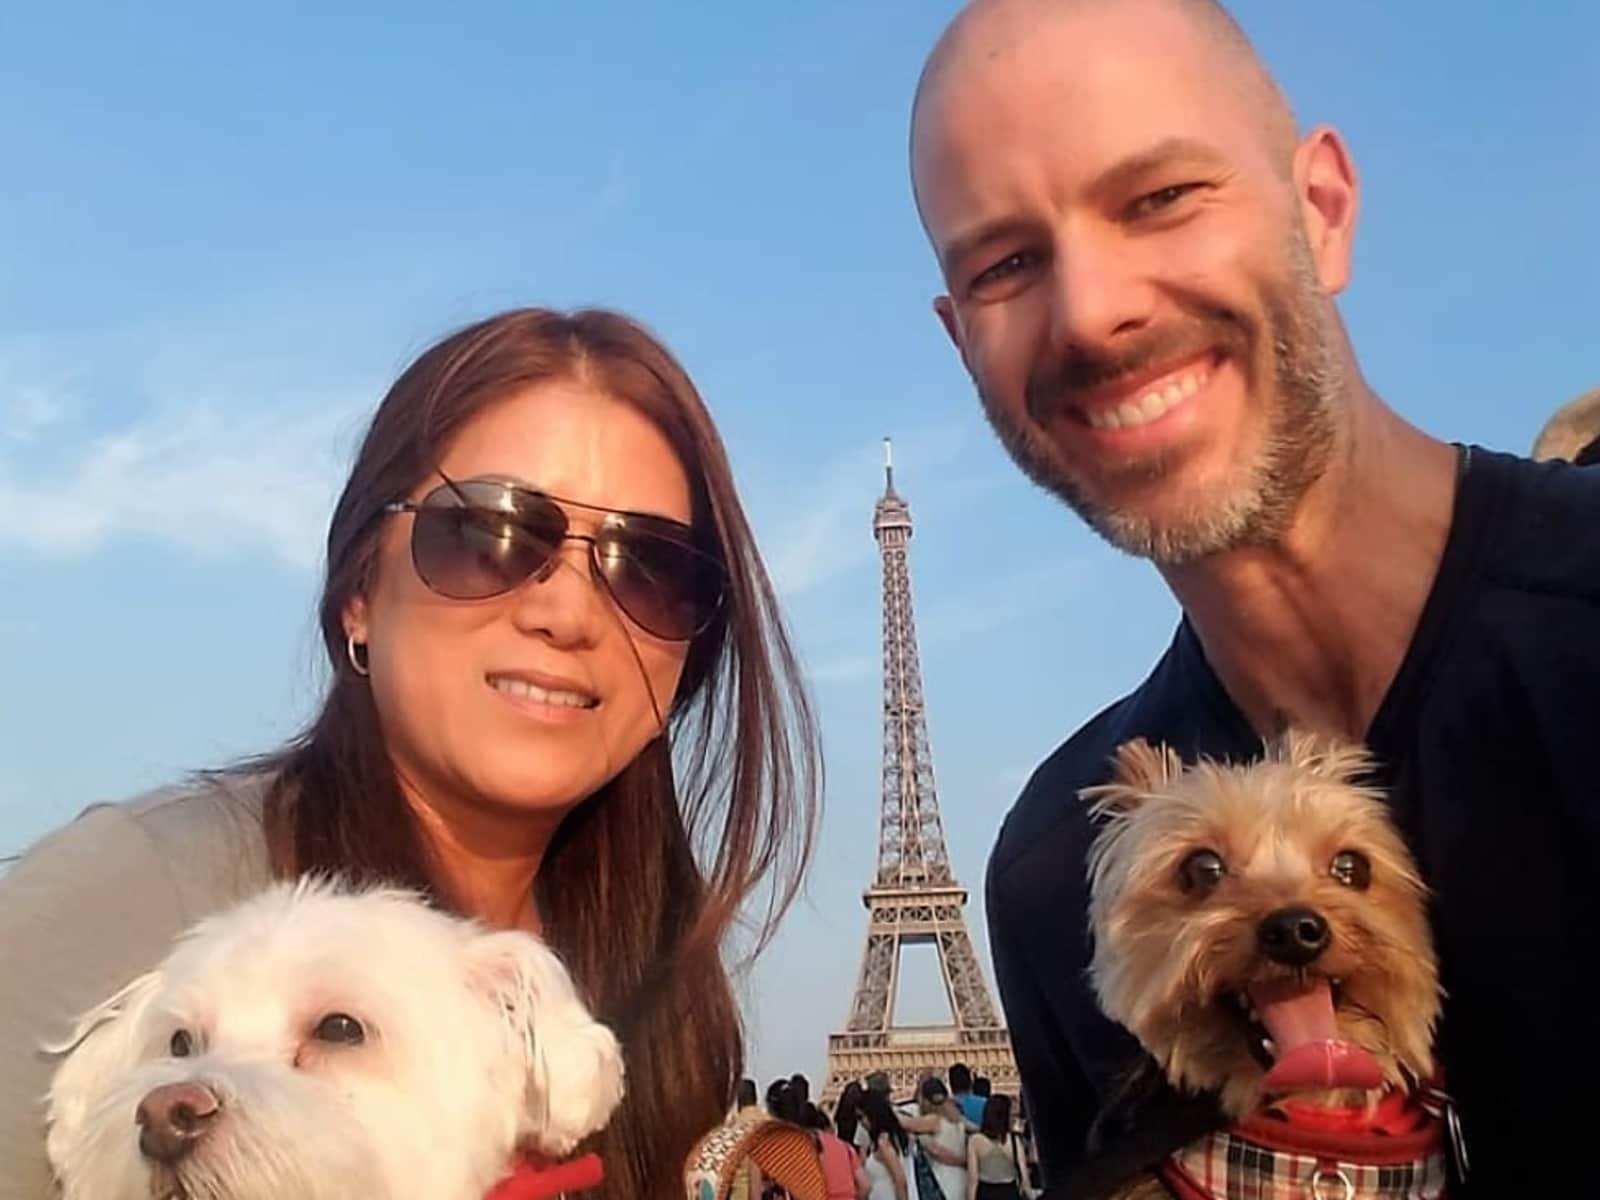 Linda & jason & Jason from Seattle, Washington, United States